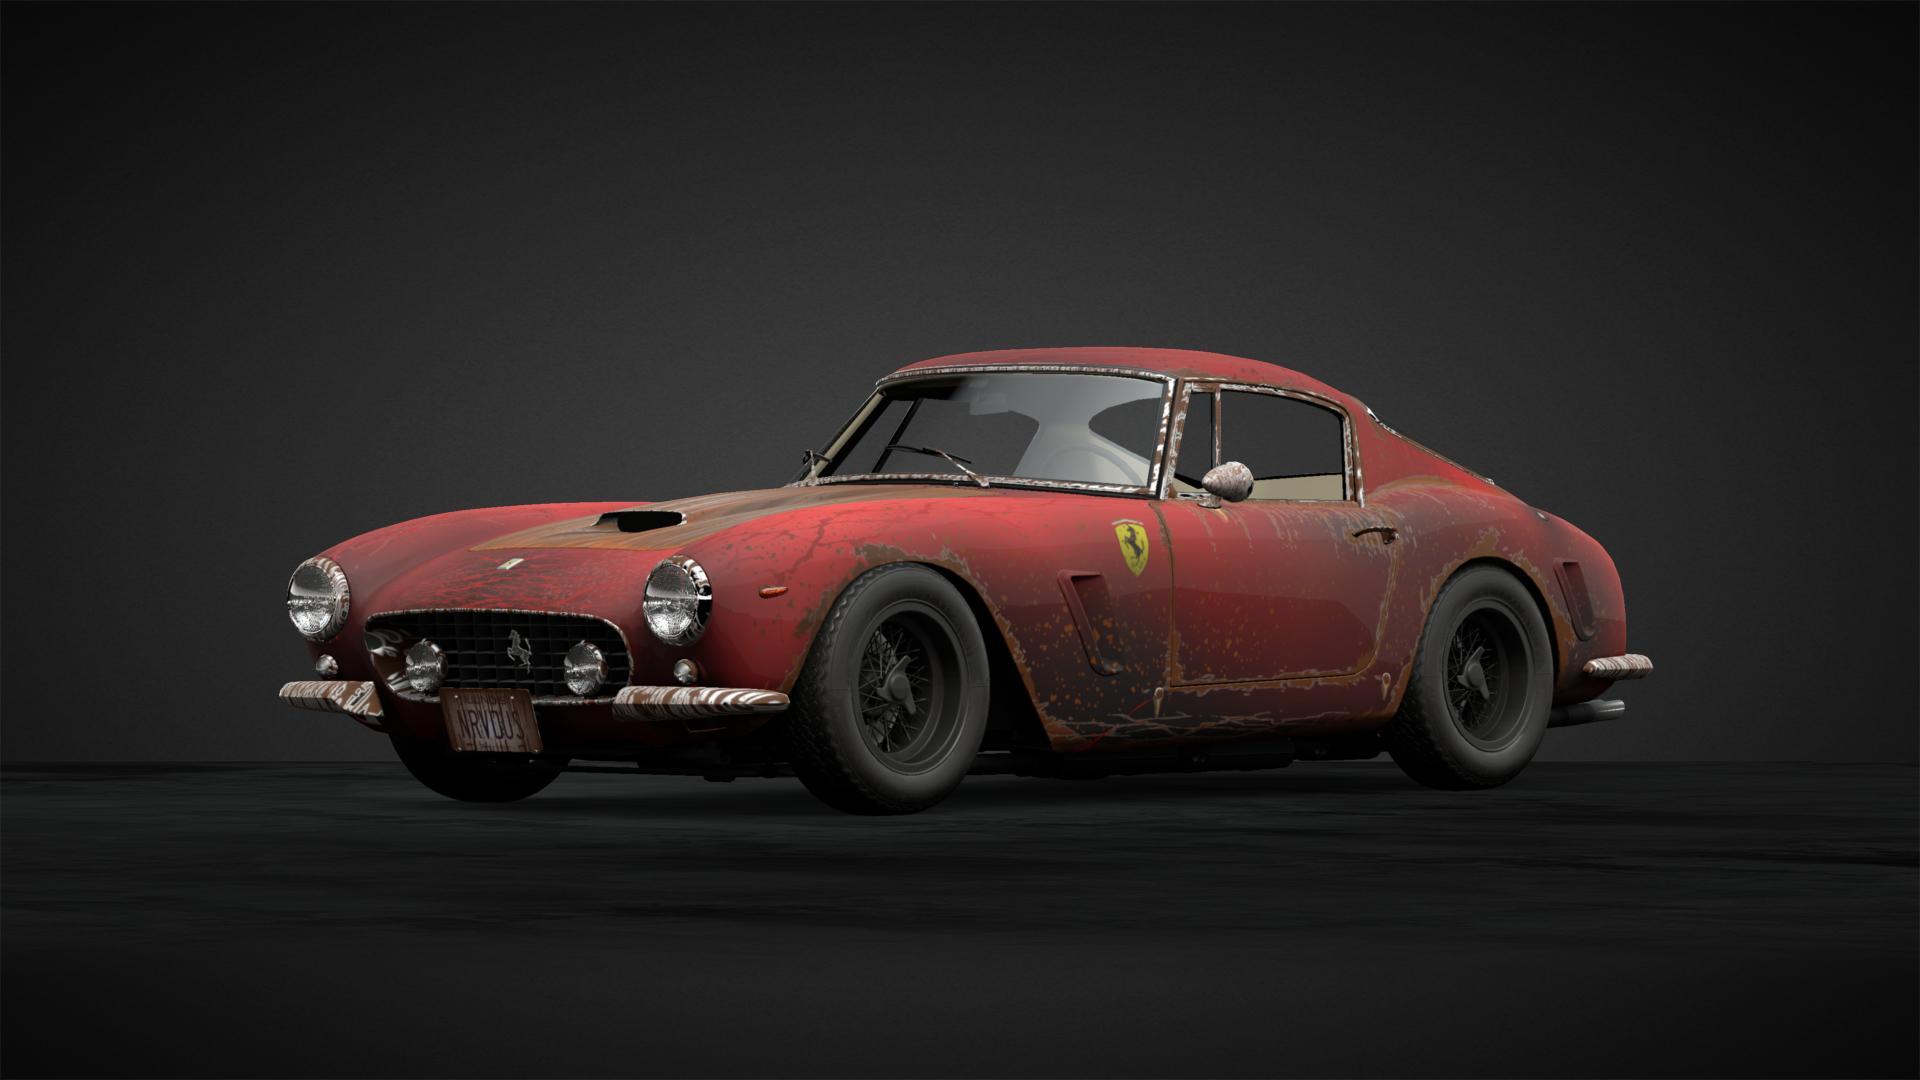 Ferrari Barn Find Car Livery By Julianonobrega Community Gran Turismo Sport